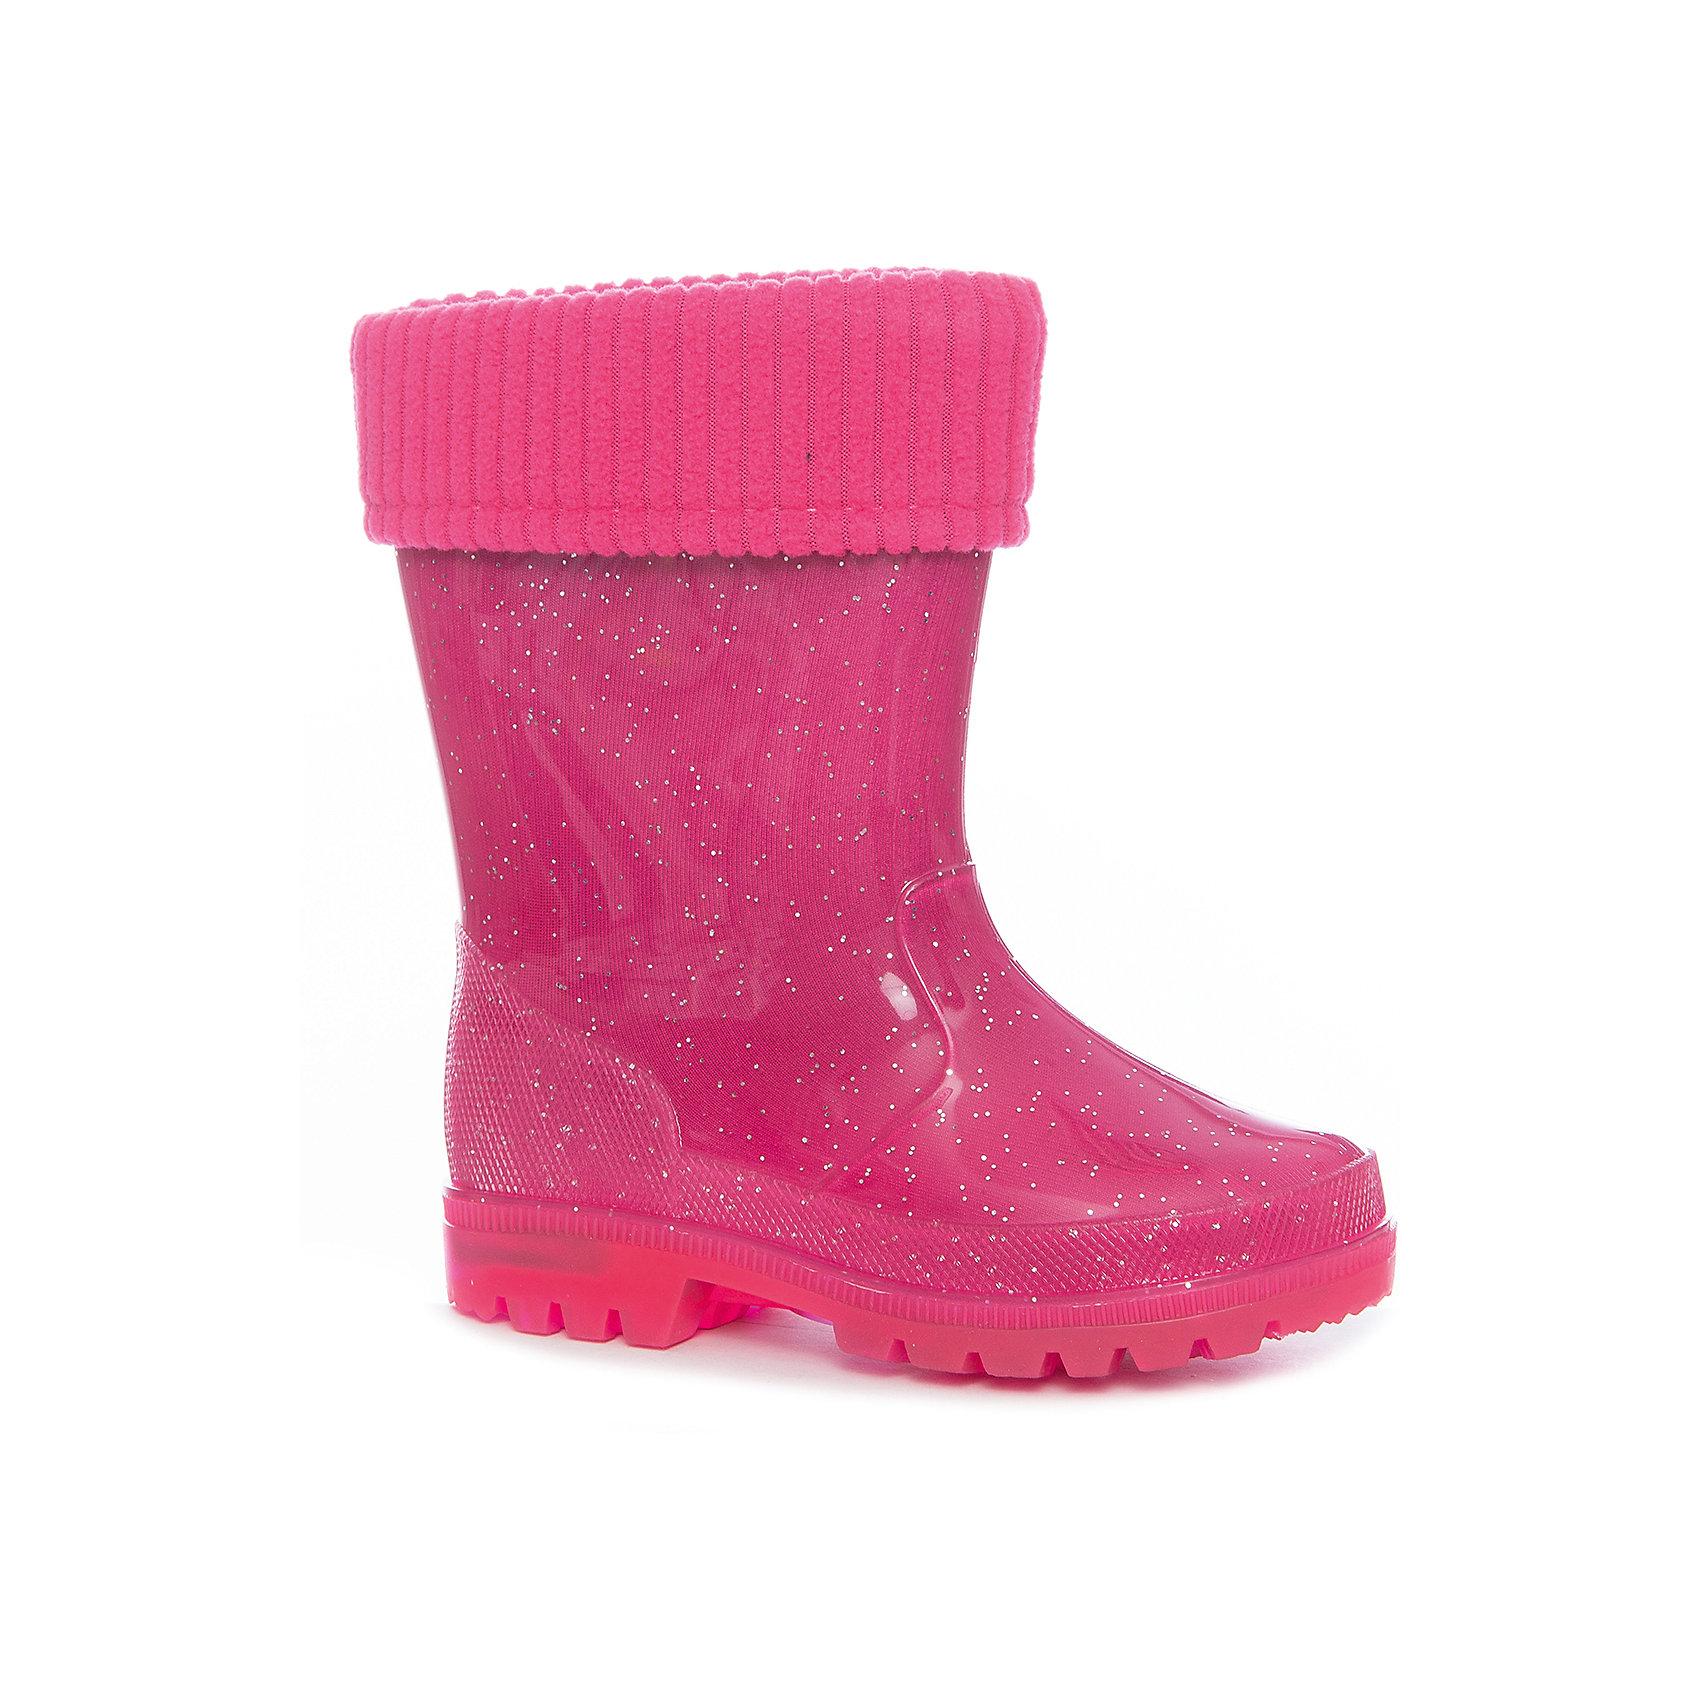 Резиновые сапоги Kapika для девочкиРезиновые сапоги<br>Характеристики товара:<br><br>• цвет: фуксия<br>• внешний материал: ПВХ<br>• внутренний материал: текстиль<br>• стелька: натуральная кожа<br>• подошва: ПВХ<br>• сезон: демисезон<br>• температурный режим: от 0 до +15<br>• съемный внутренний сапожок<br>• подошва не скользит<br>• непромокаемые<br>• анатомические <br>• страна бренда: Россия<br>• страна изготовитель: Китай<br><br>Резиновые сапоги Kapika модно выглядят и удобно сидят на ноге. Эта модель детских резиновых сапог обеспечить ногам сухость и комфорт в межсезонье. <br><br>Модель декорирована принтом и дополнена съемным внутренним сапожком. Сапоги сделаны из прочного материала, подходят для осеннего и весеннего сезона. Обувь для детей от популярного бренда Капика - это качественные и удобные товары. <br><br>Сапоги для девочки Kapika (Капика) можно купить в нашем интернет-магазине.<br><br>Ширина мм: 257<br>Глубина мм: 180<br>Высота мм: 130<br>Вес г: 420<br>Цвет: розовый<br>Возраст от месяцев: 72<br>Возраст до месяцев: 84<br>Пол: Женский<br>Возраст: Детский<br>Размер: 30,25,26,27,28,29<br>SKU: 6938048